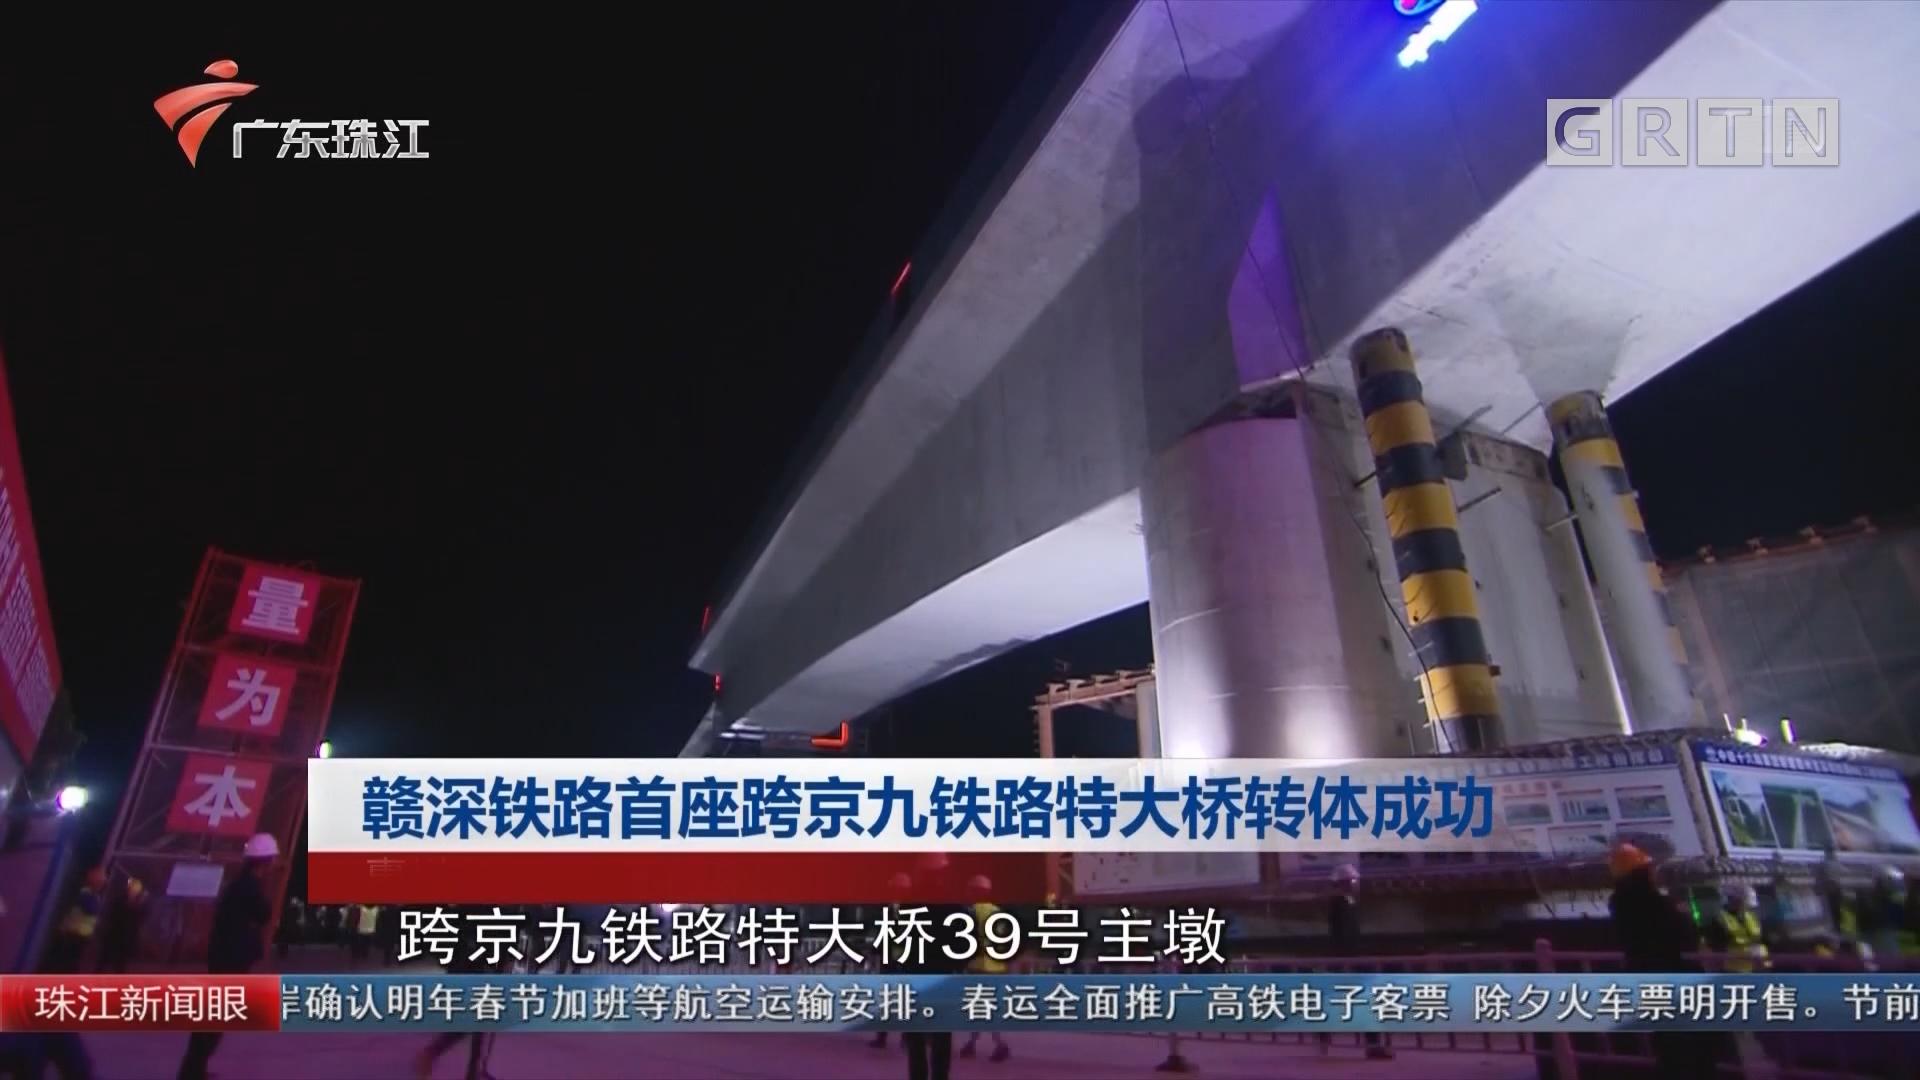 赣深铁路首座跨京九铁路特大桥转体成功